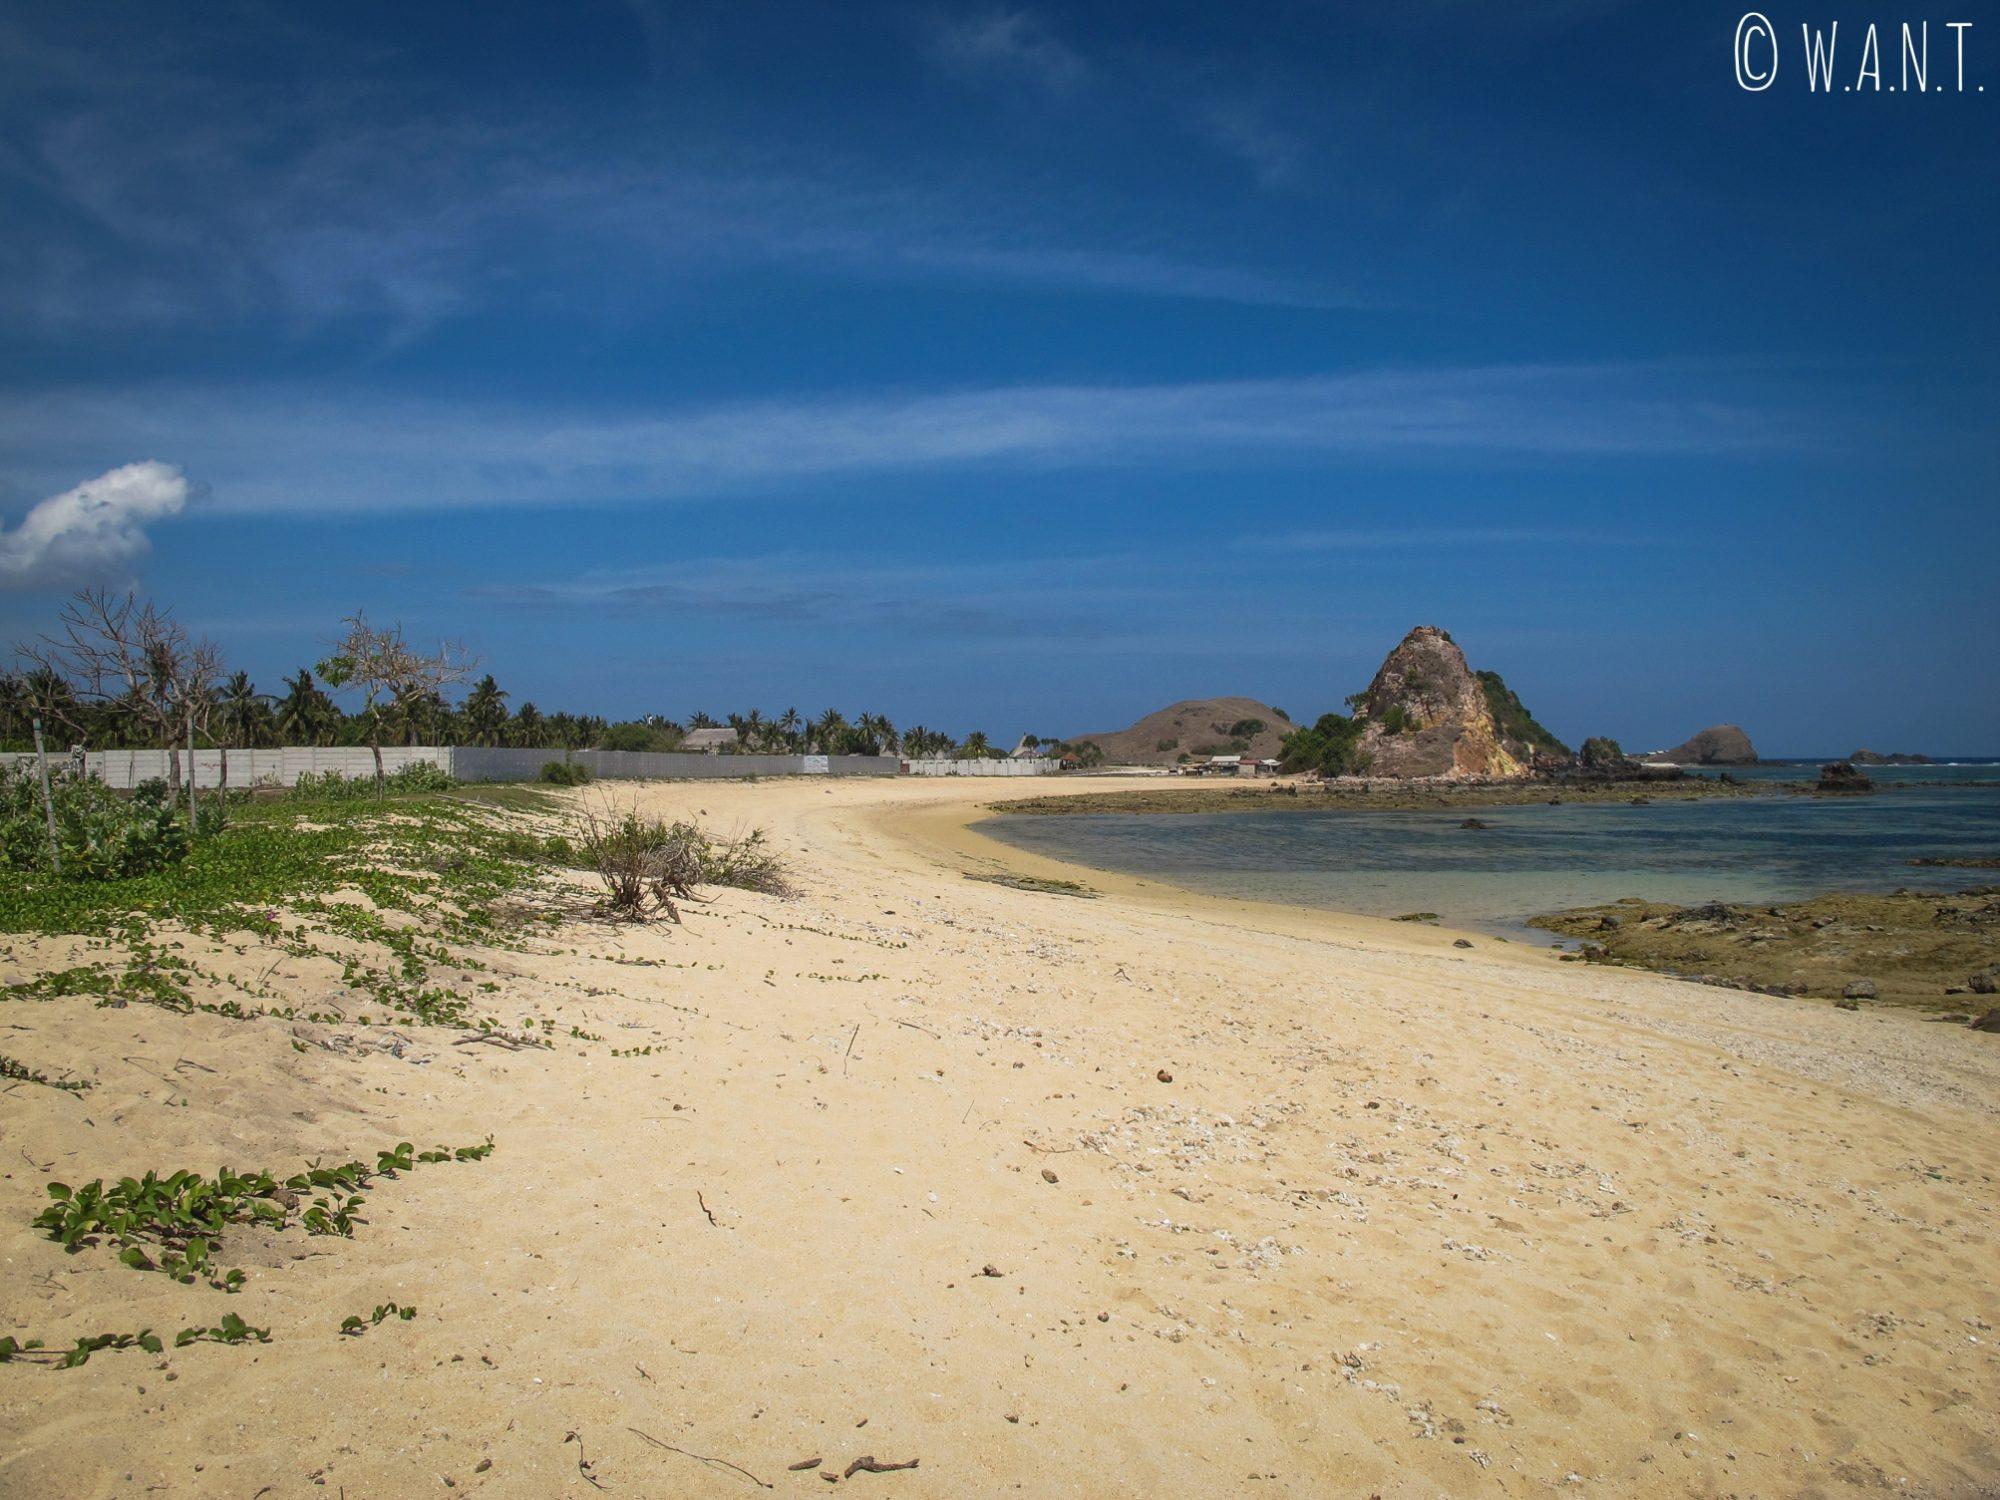 Littoral entre la plage de Kuta Lombok et la plage de Seger Kuta